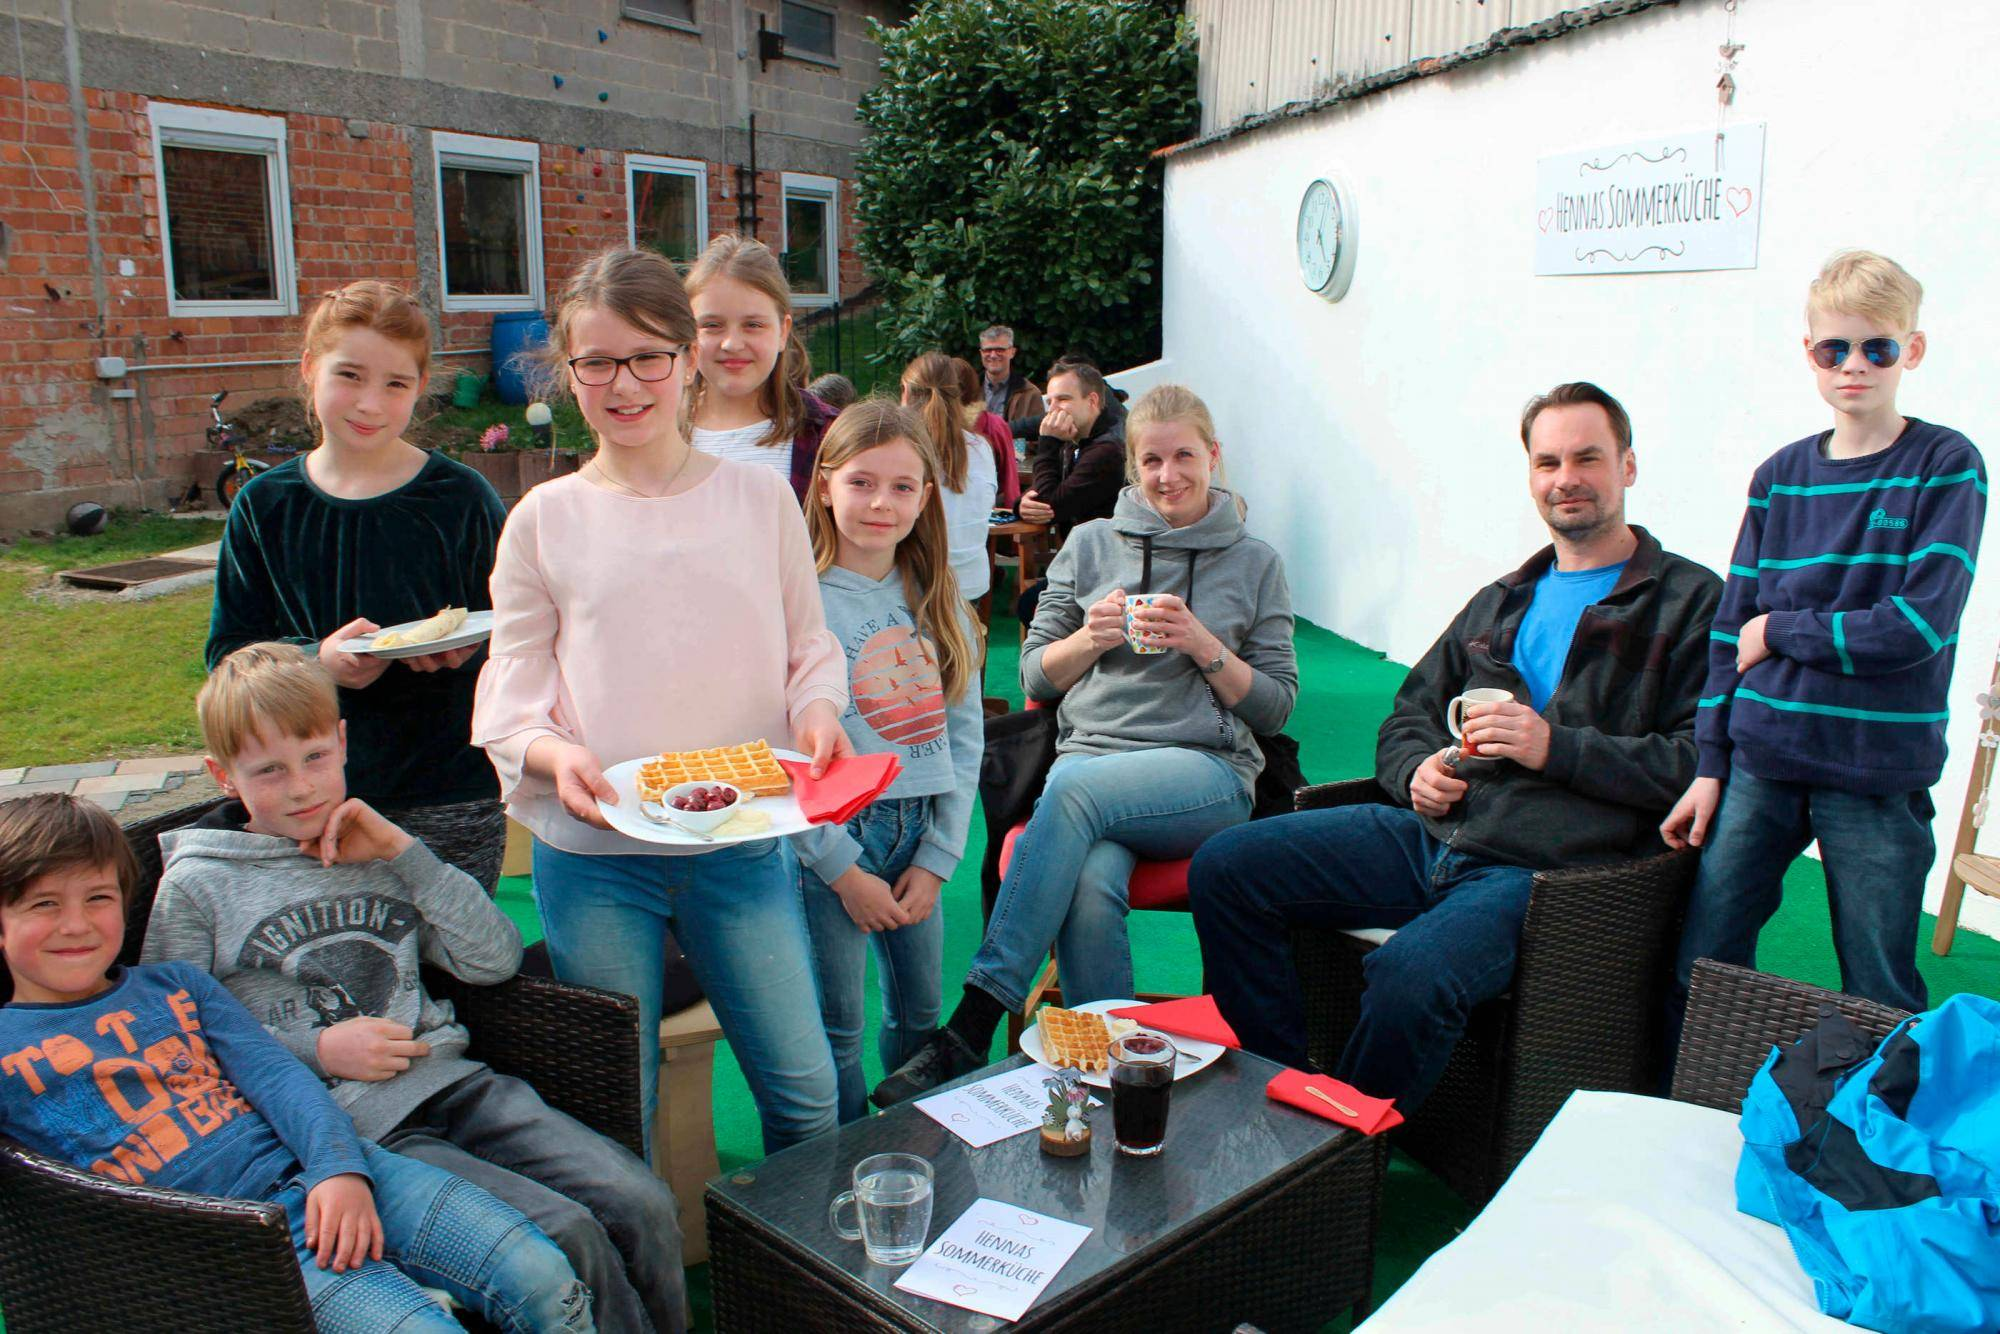 Sommerküche In Marburg : Eine zehnjährige will mathilda helfen